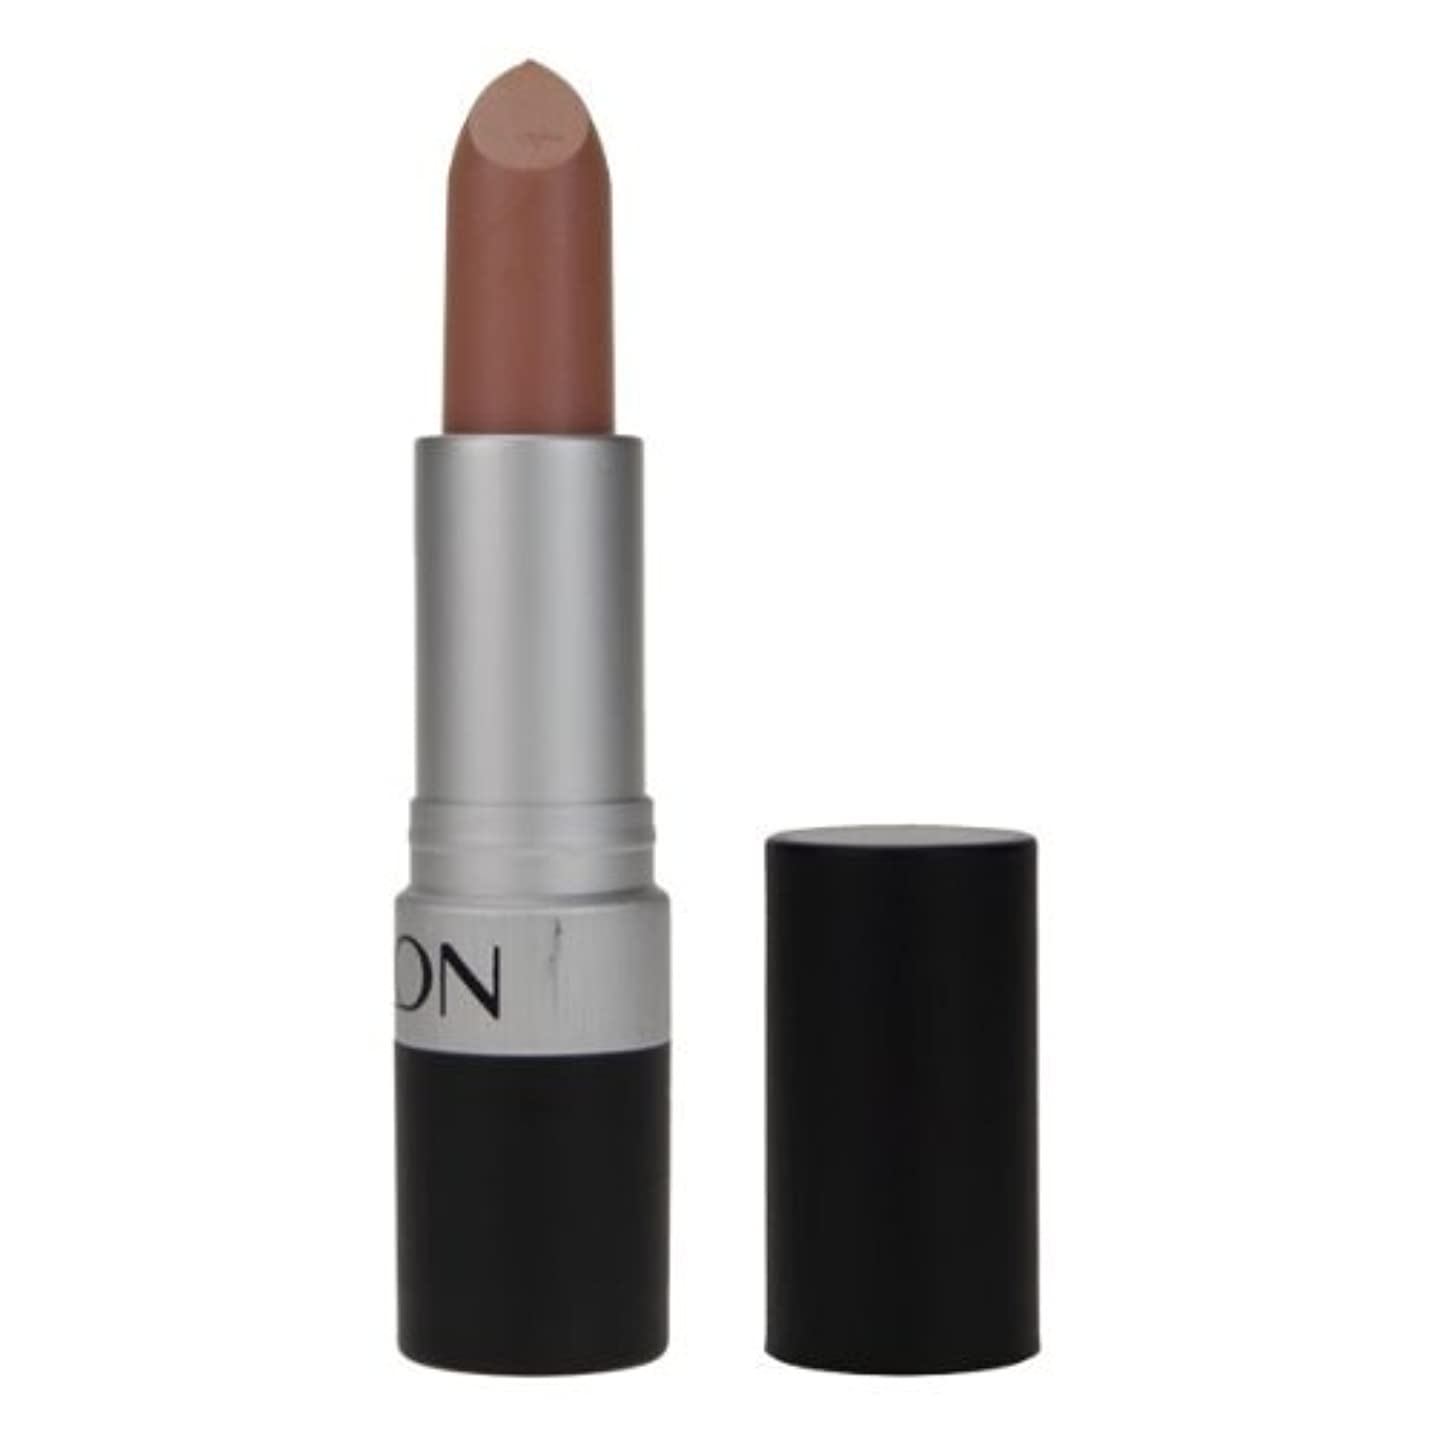 膨らみ回復倒錯REVLON Super Lustrous Lipstick Matte - Nude Attitude 001 (並行輸入品)